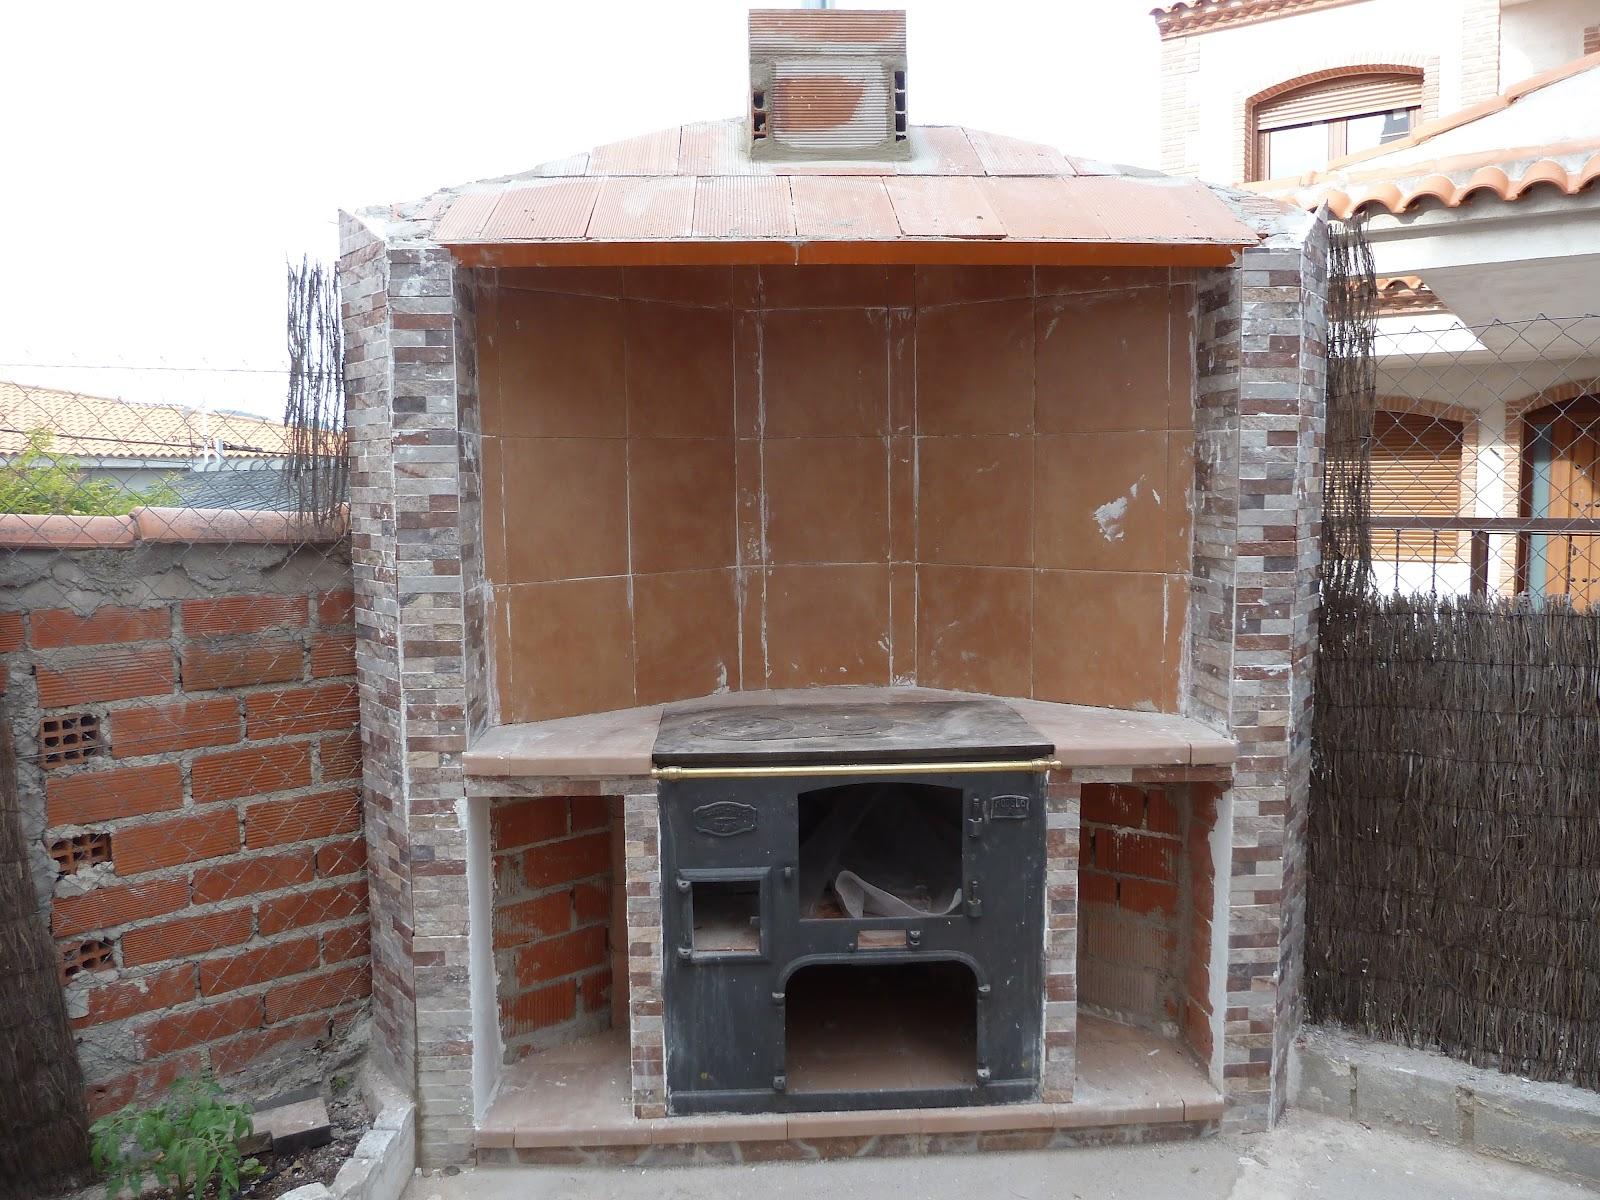 Crear restaurar y reciclar reutilizaci n antigua cocina - Fotos de cocinas de lena antiguas ...